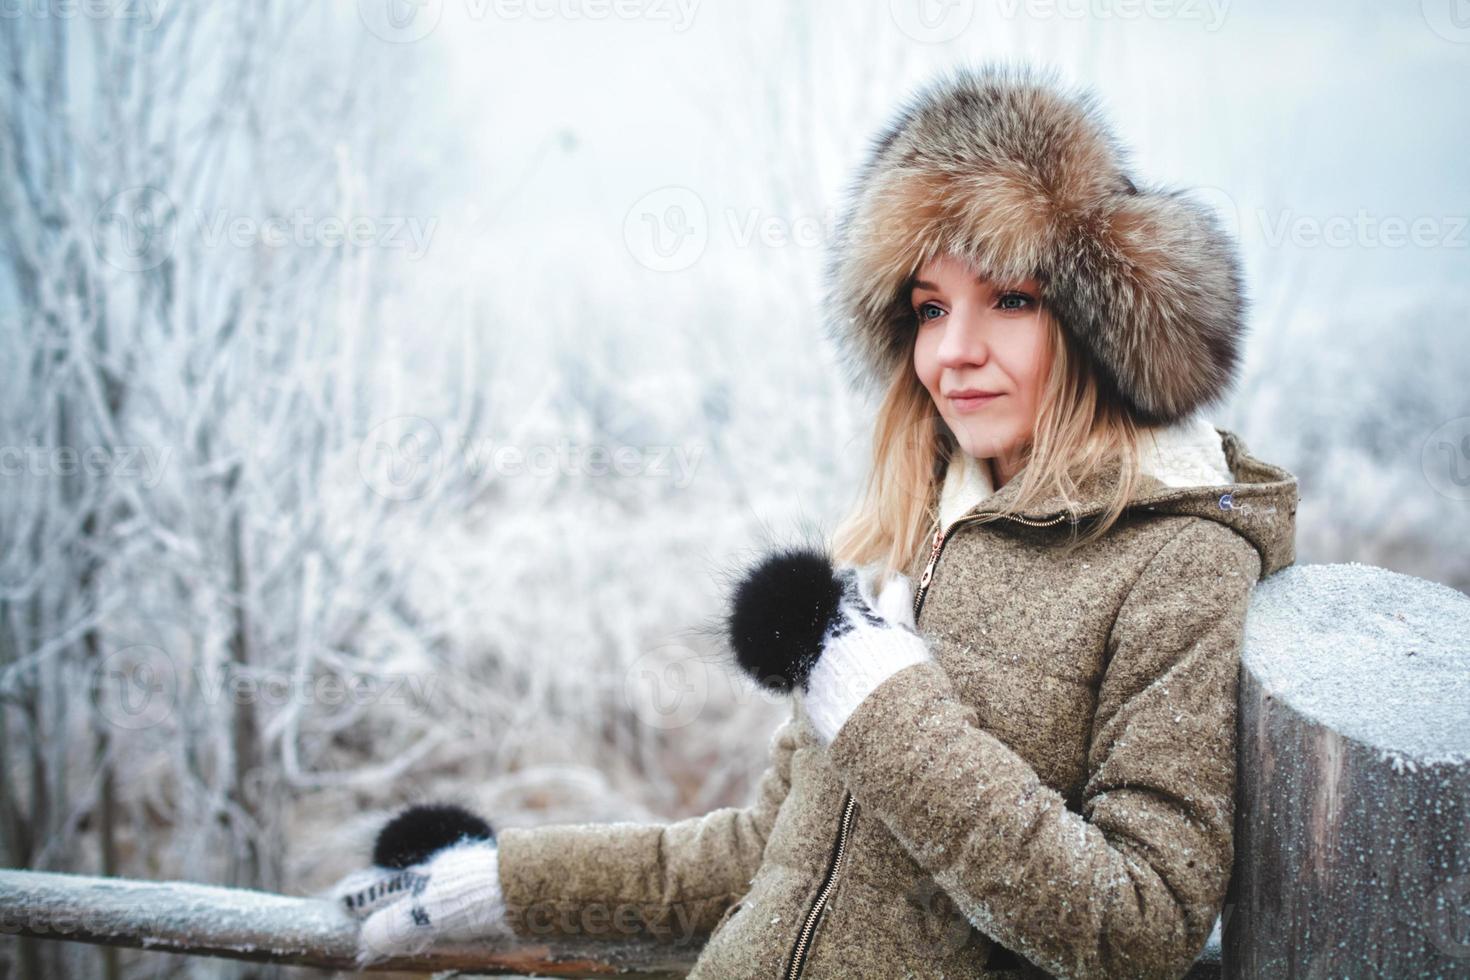 girl in winter photo